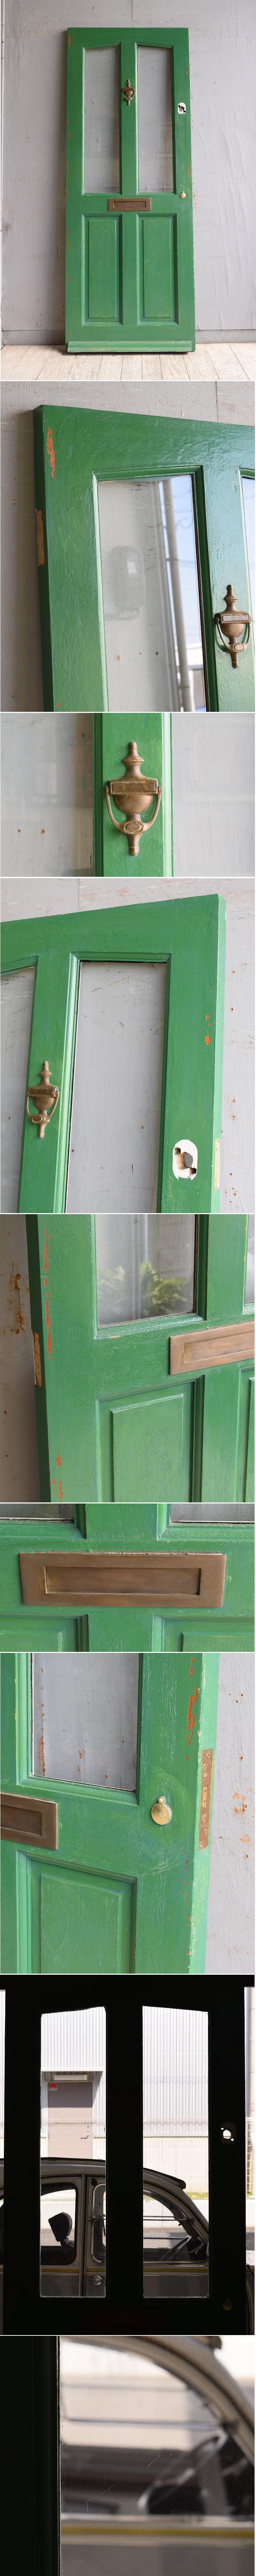 イギリス アンティーク ドア 扉 建具 10072